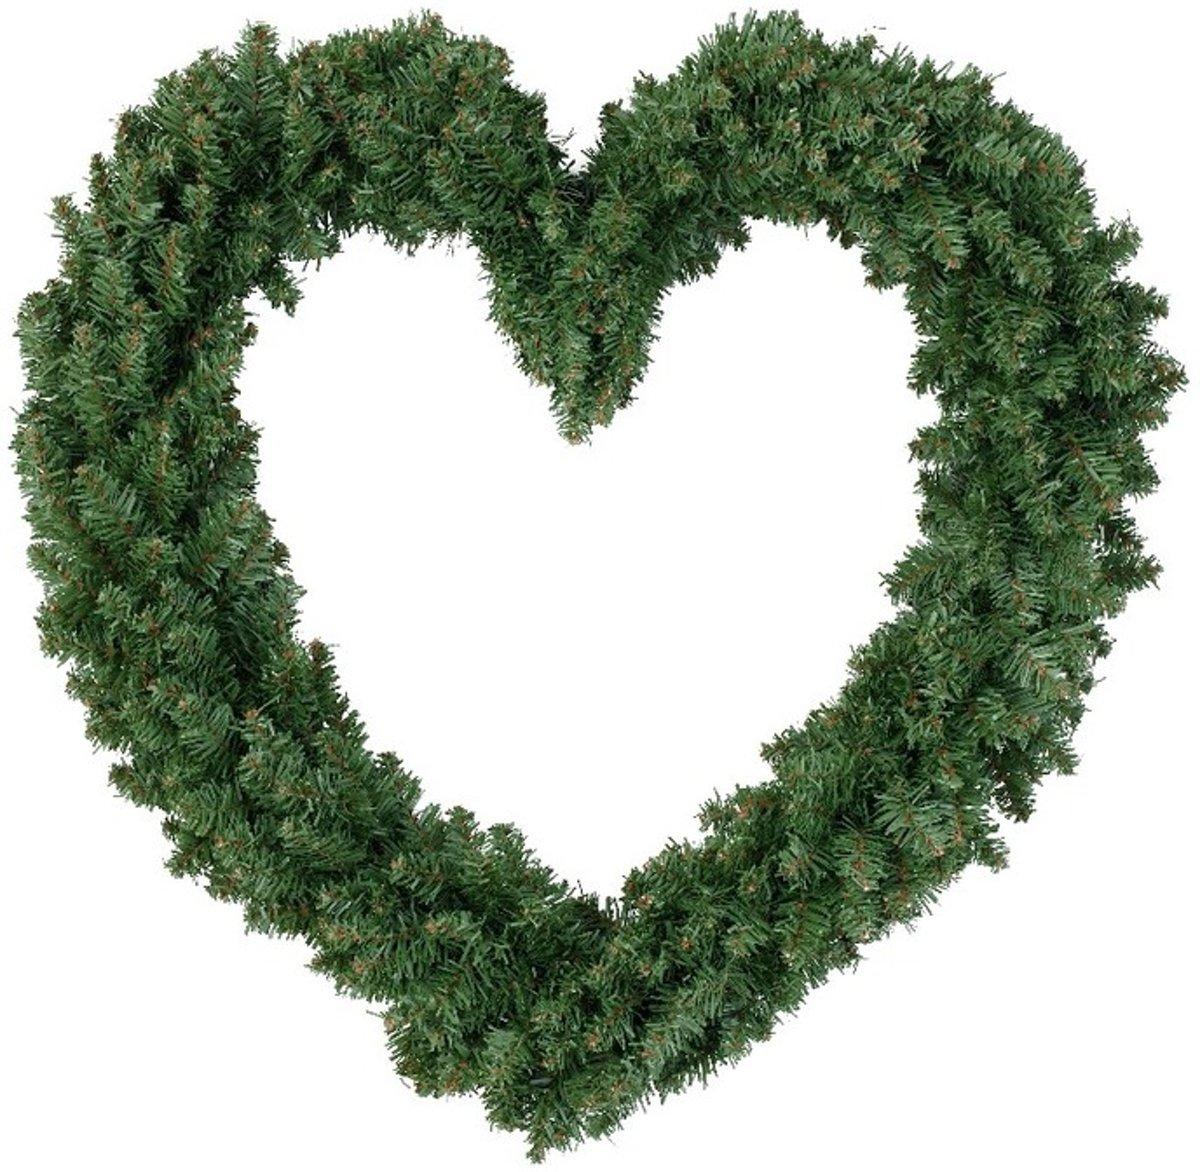 Kerstversiering kerstkrans hart groen 50 cm kopen